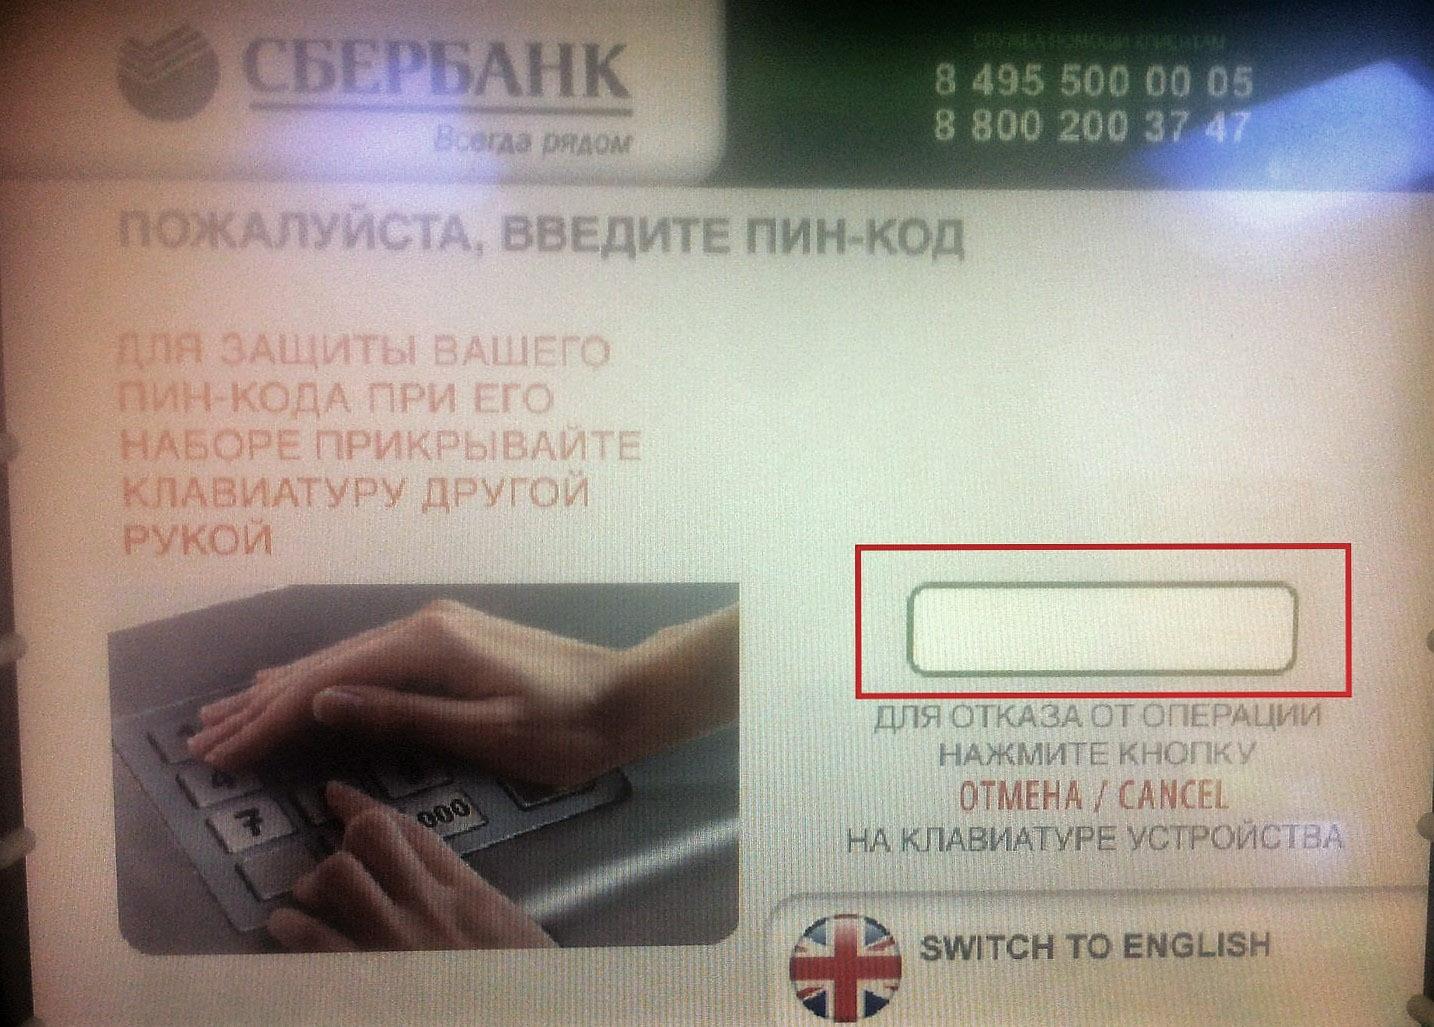 Вставить карточку в приемник и ввести PIN-код